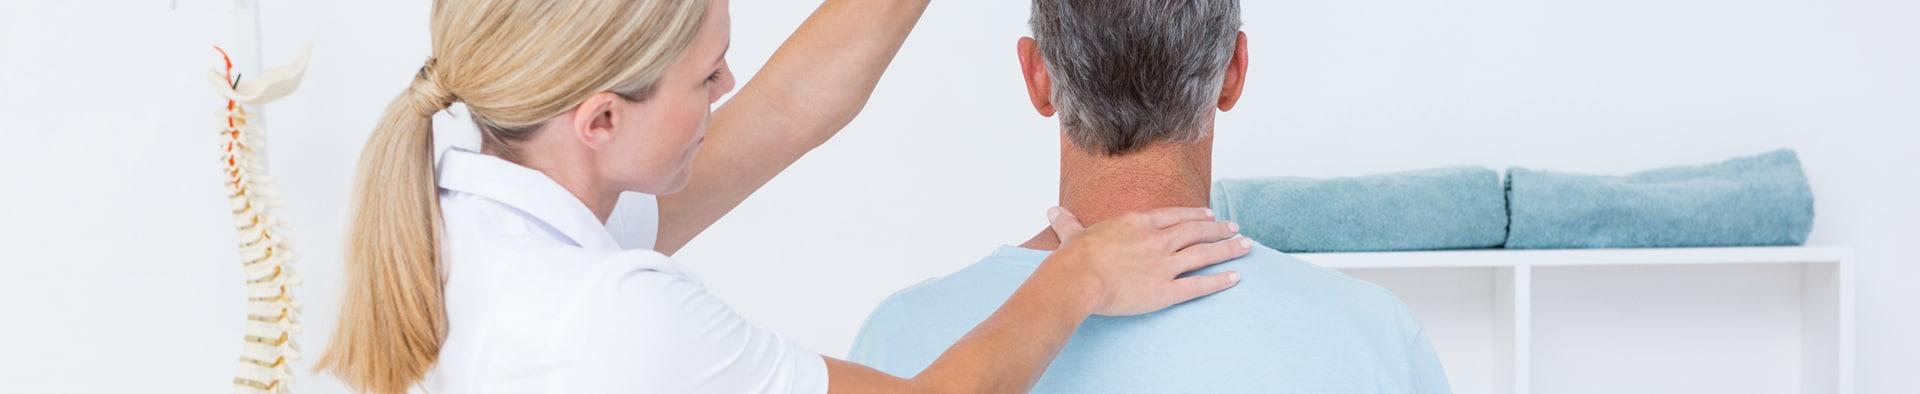 adoos erotik massage lidingö